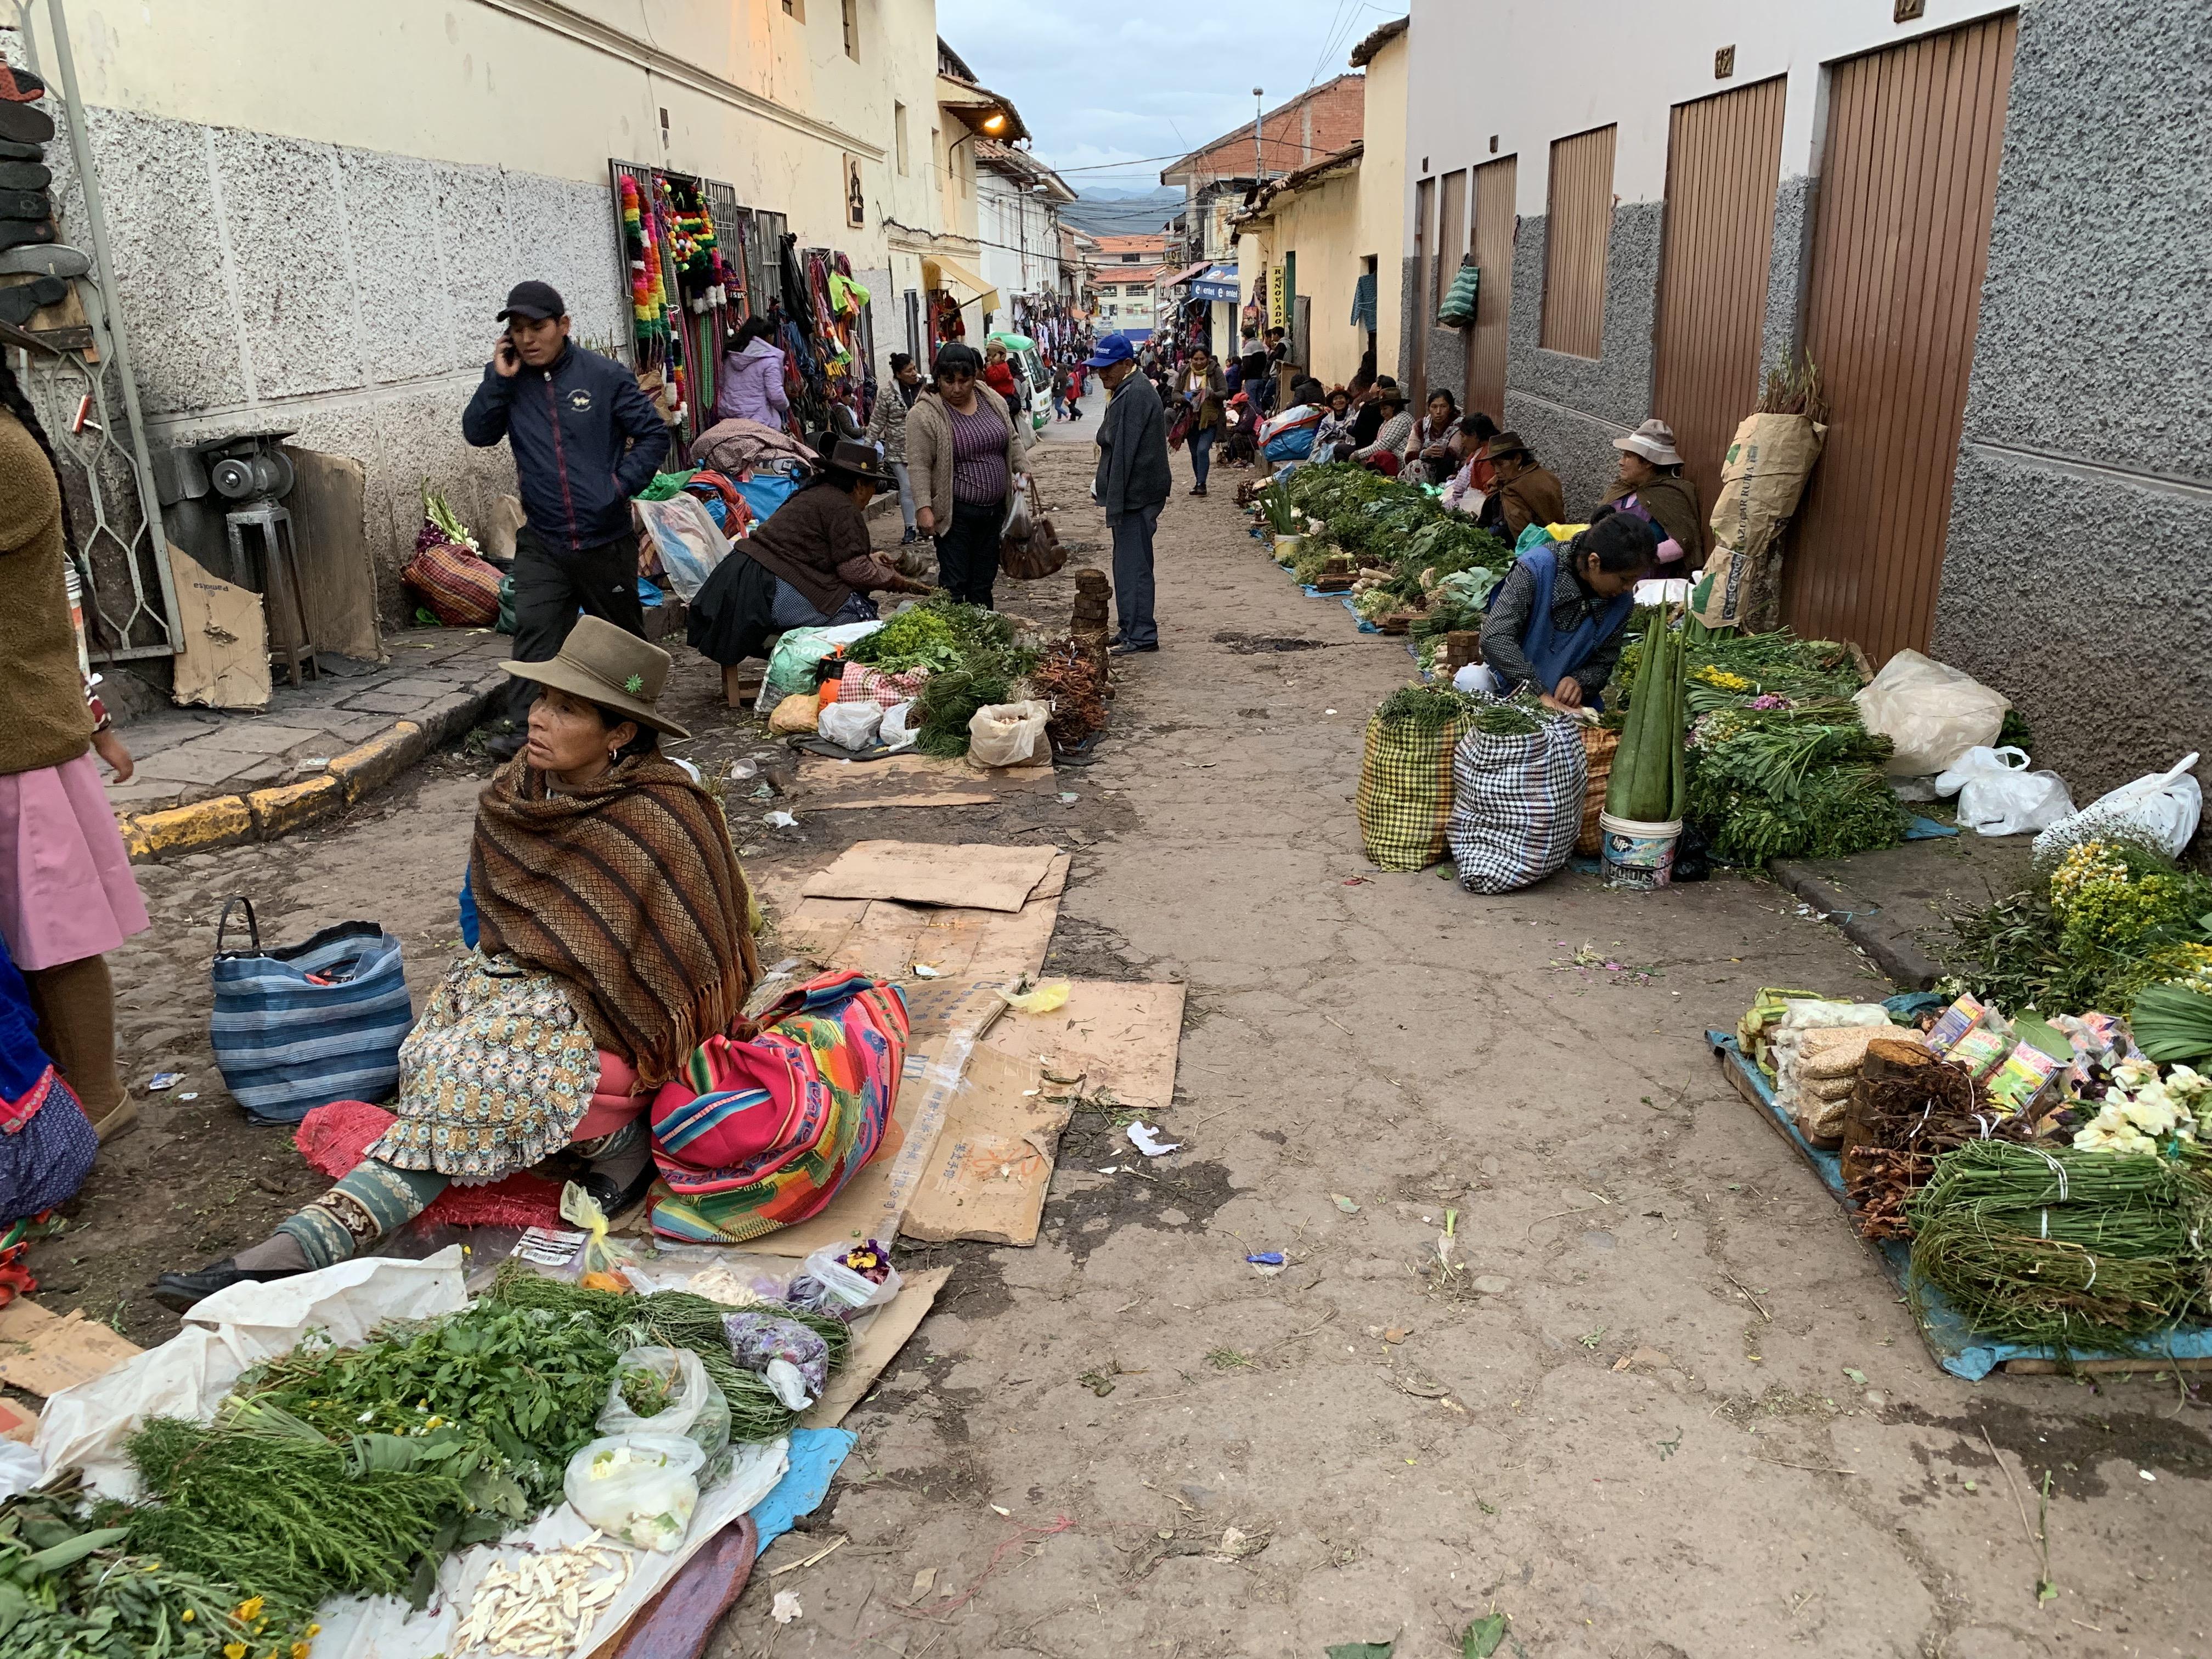 Persone mentre vendono i loro prodotti nelle stradine accanto al Mercado de San Pedro, Cusco